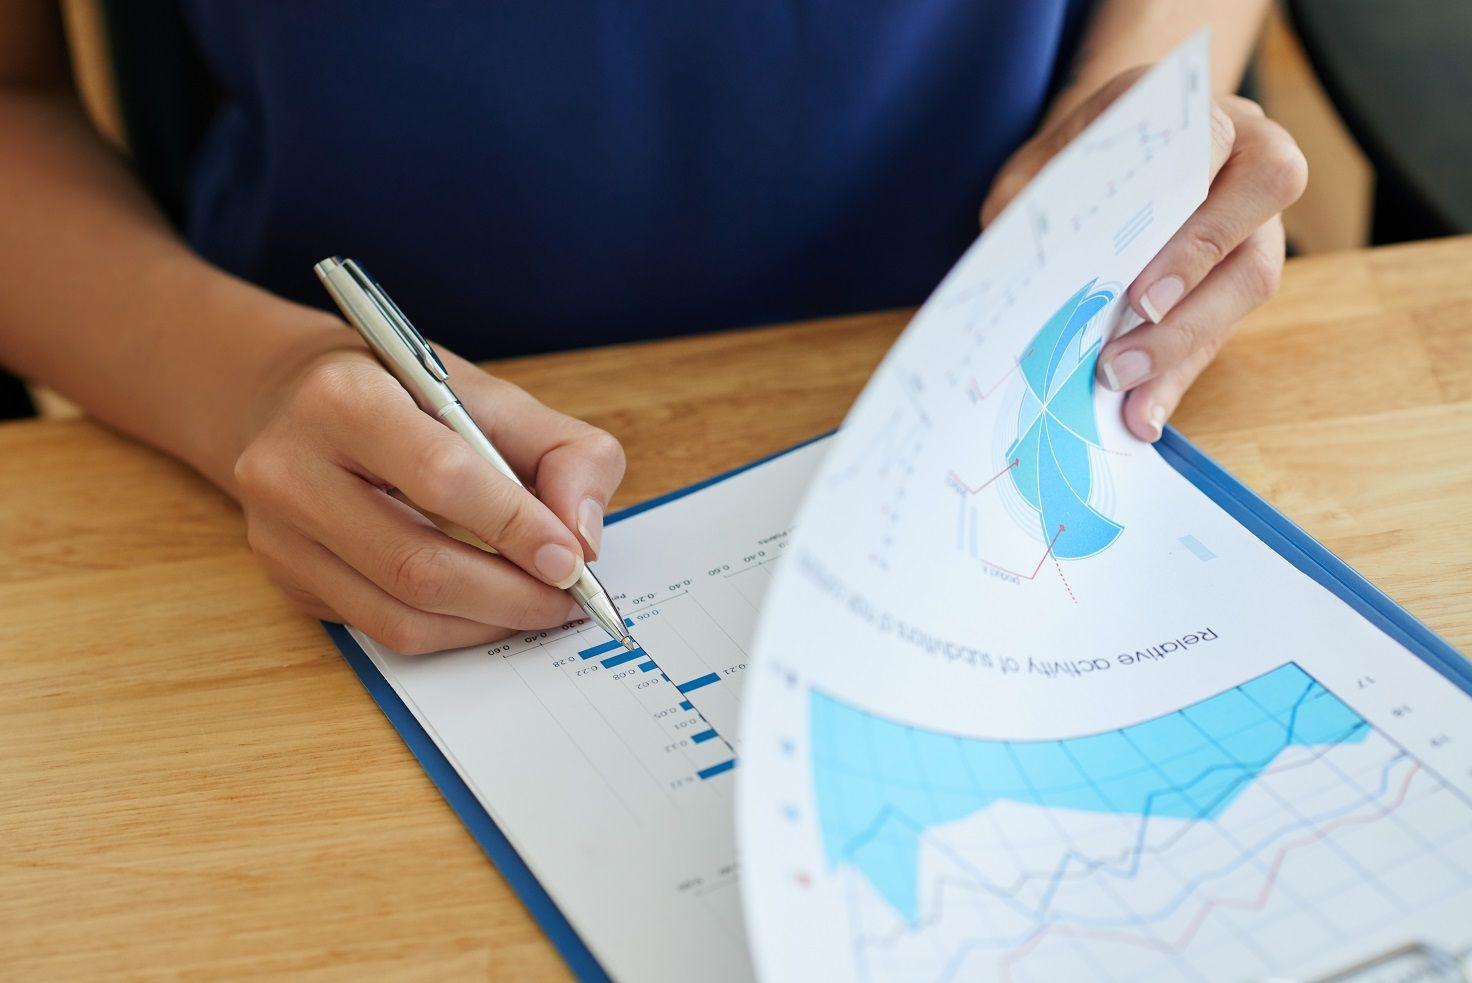 Компаниям станет легче определять и применять учетную политику